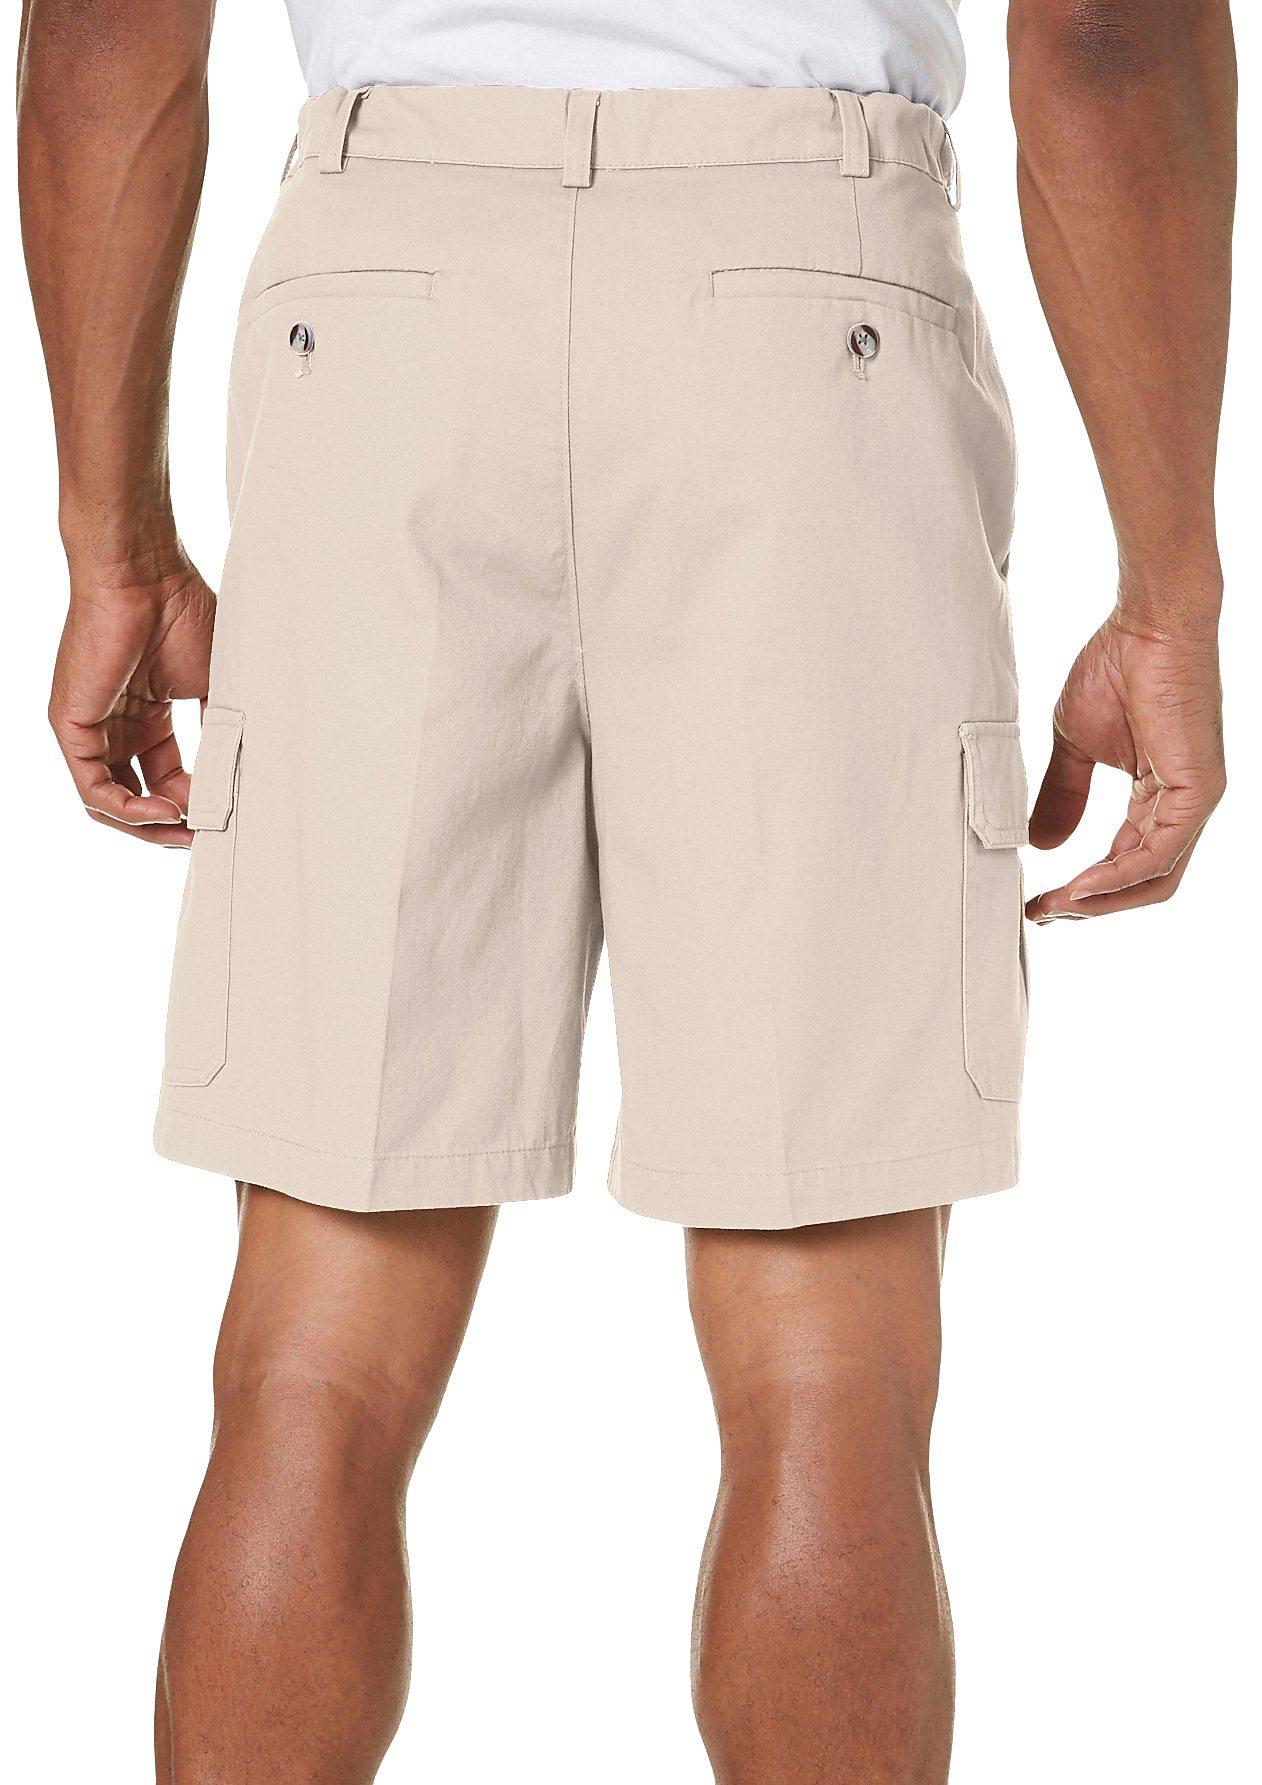 918132a71 Windham-Pointe-pantalon-corto-para-hombre-plisado-de-